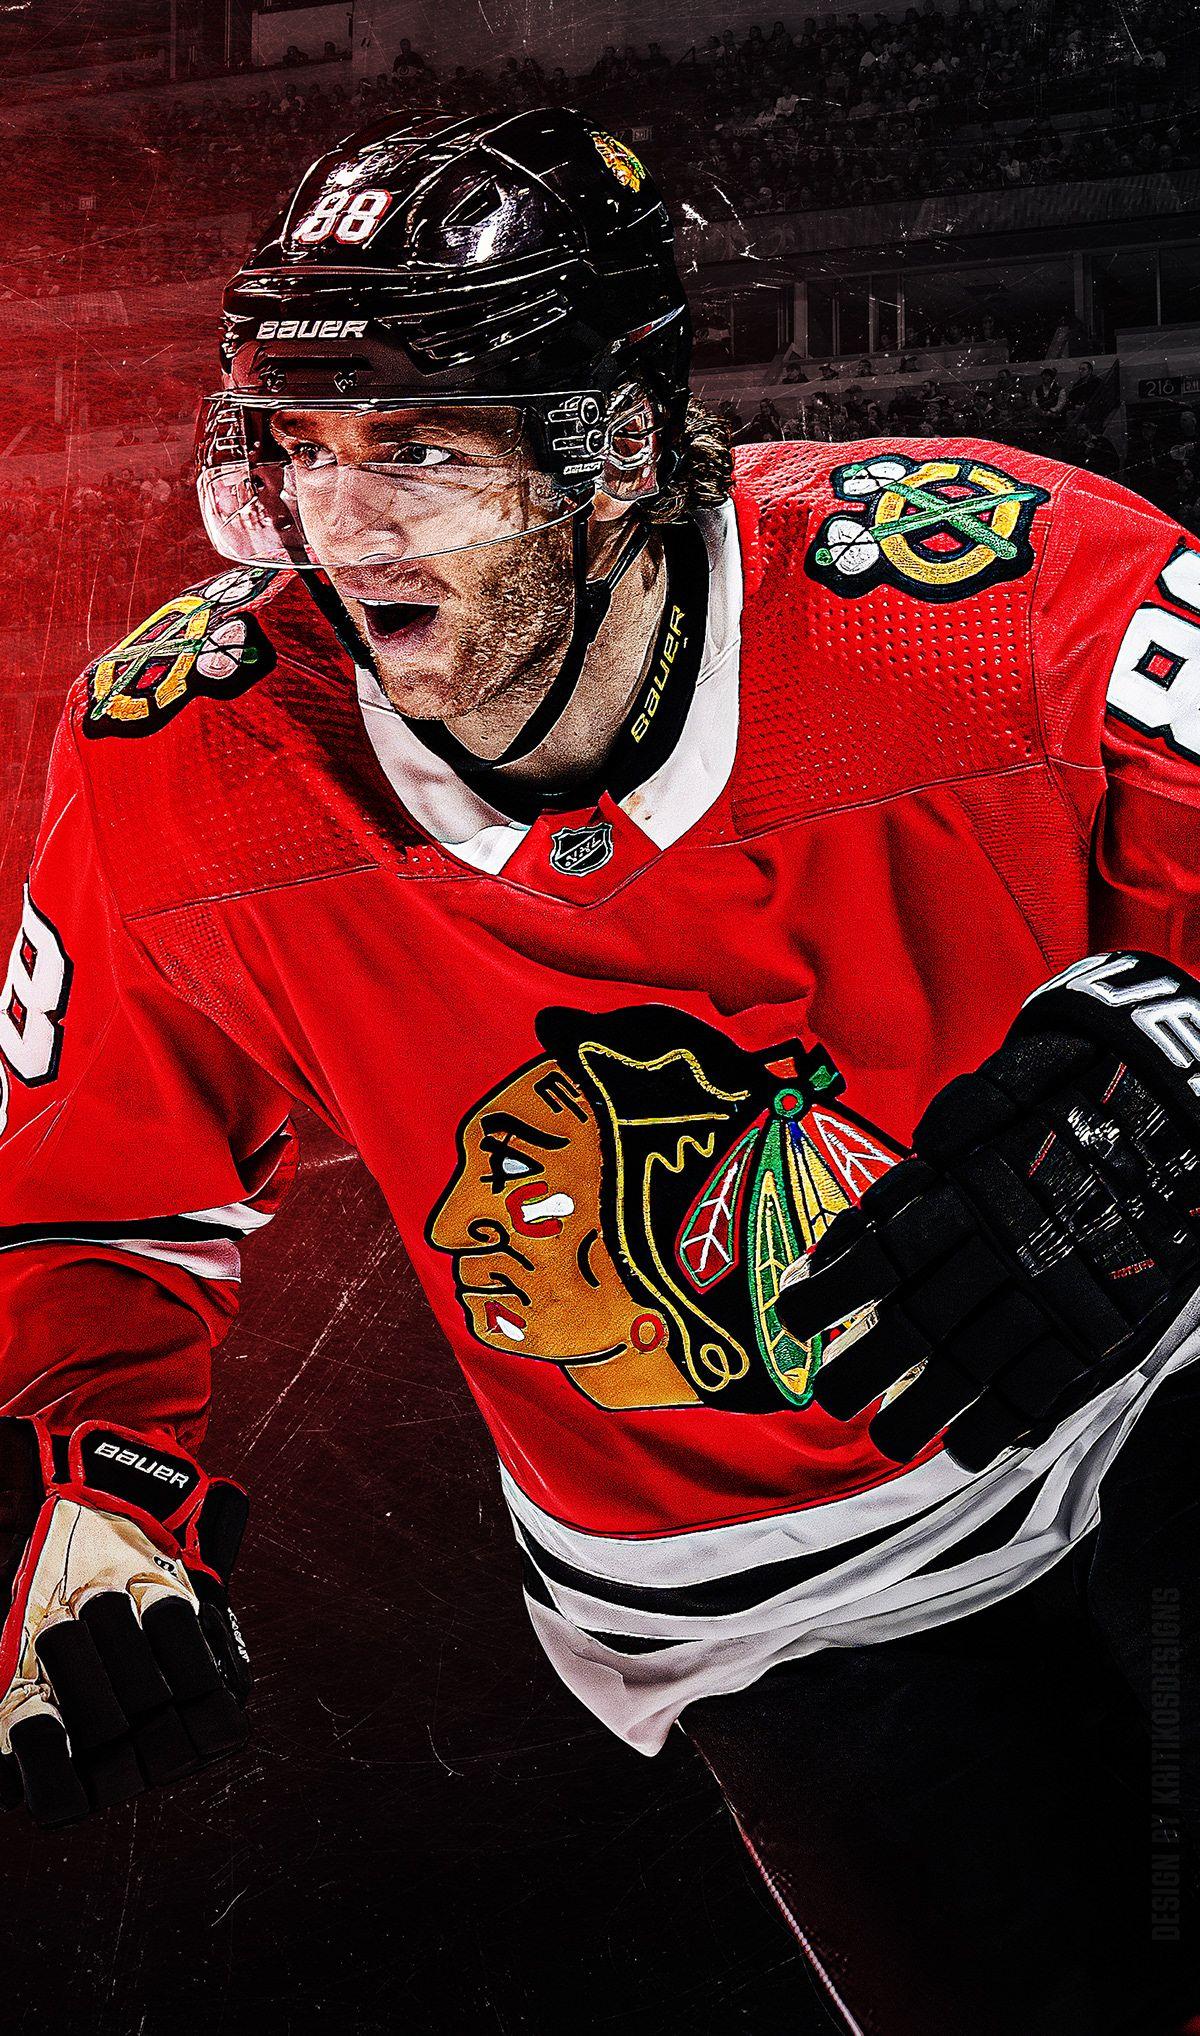 Patrick Kane Iphone Wallpaper Personal Work On Behance Patrick Kane Chicago Blackhawks Wallpaper Patrick Kane Hockey